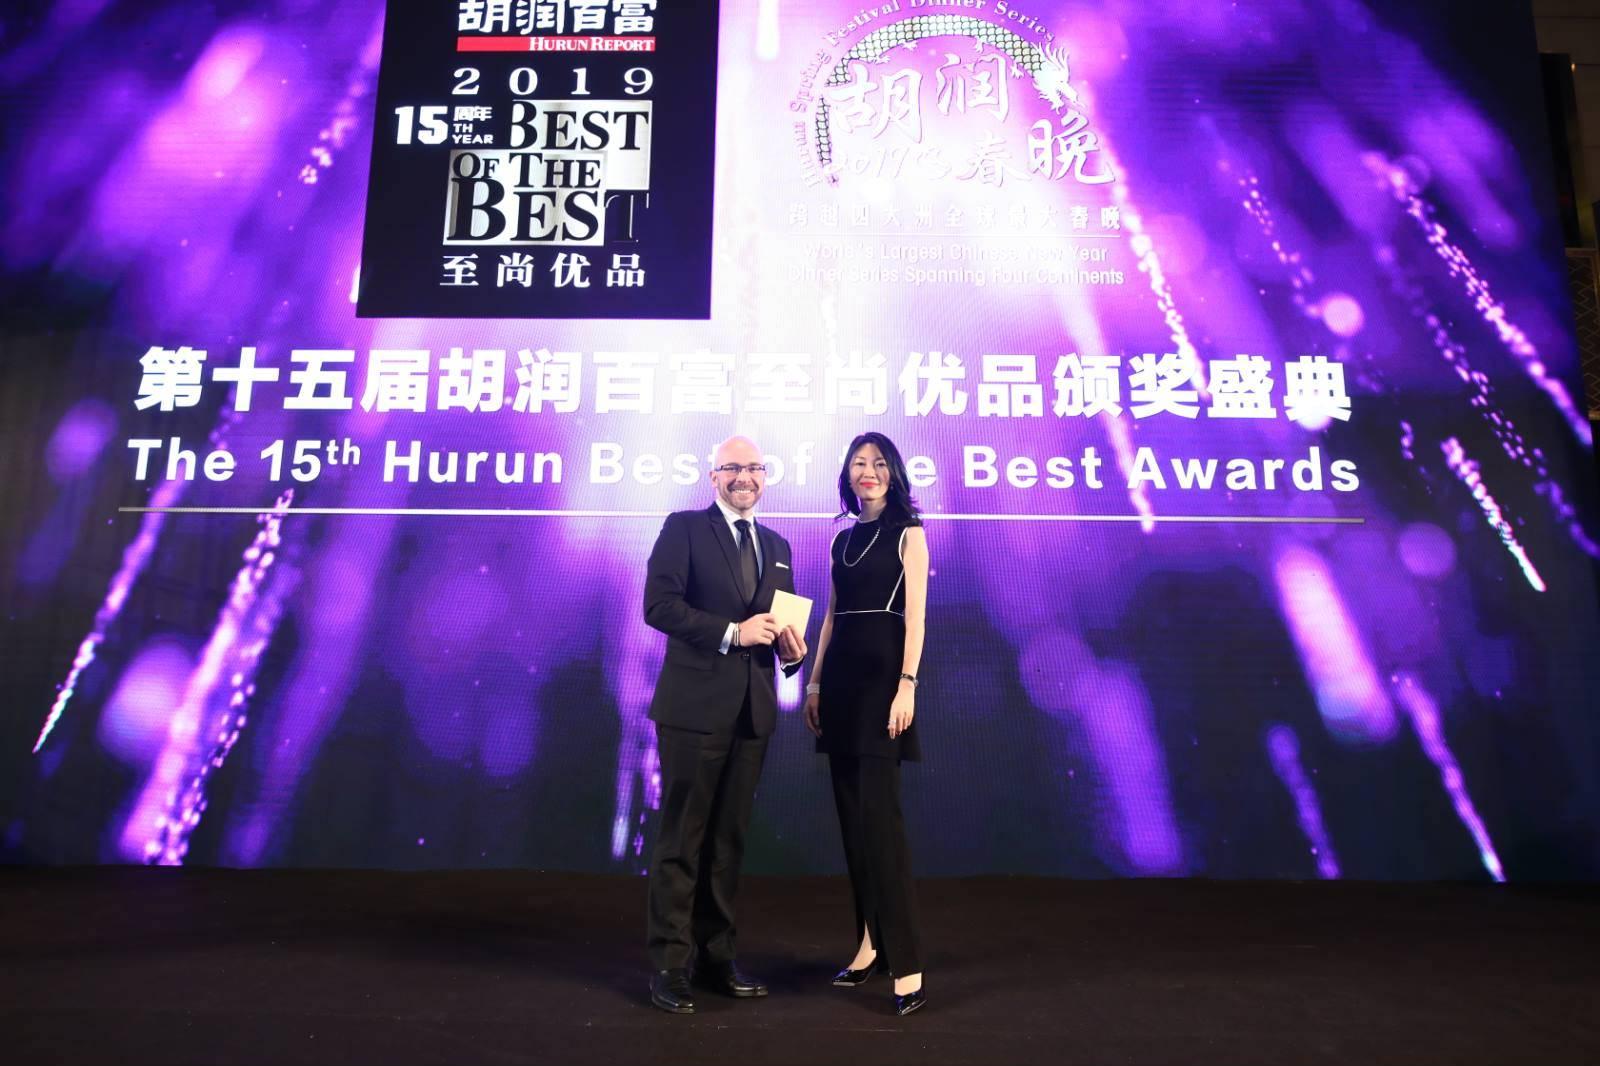 khach-san-hang-sang-moi-tot-nhat-viet-nam-hurun-best-of-the-best-awards-2019